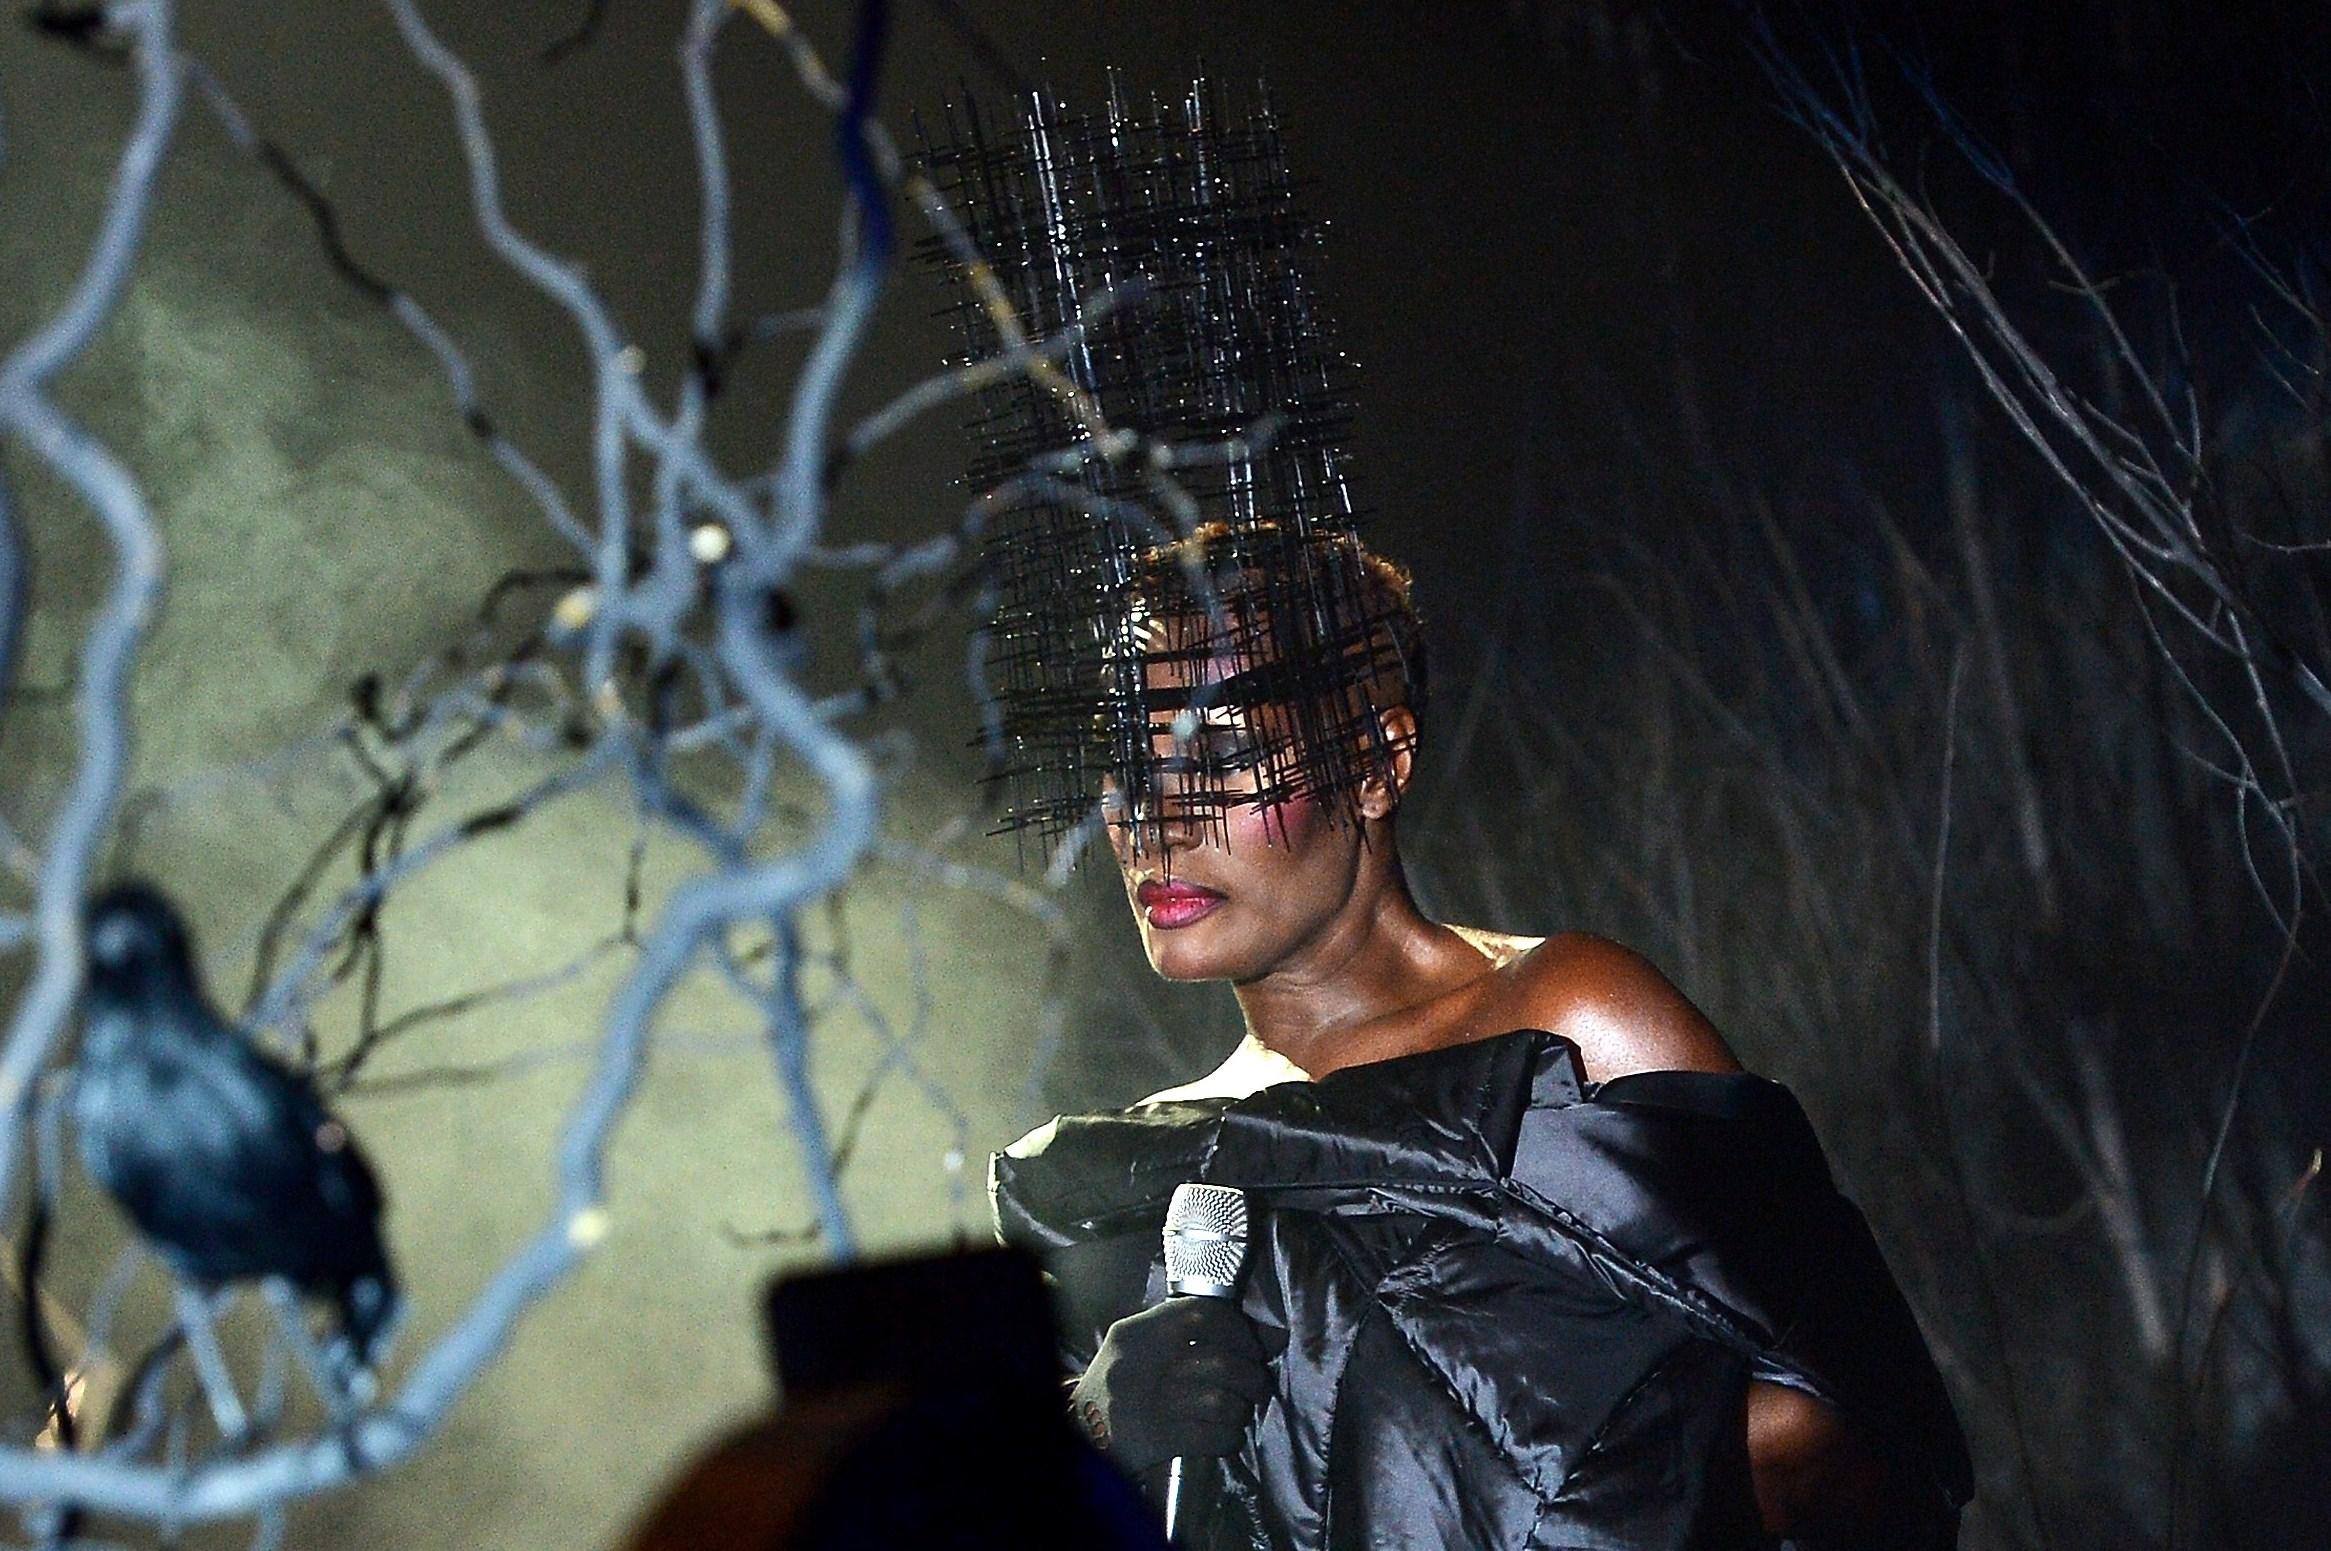 Philipp Plein sfilata Autunno/Inverno 2013-14: la donna dark in una foresta incantata